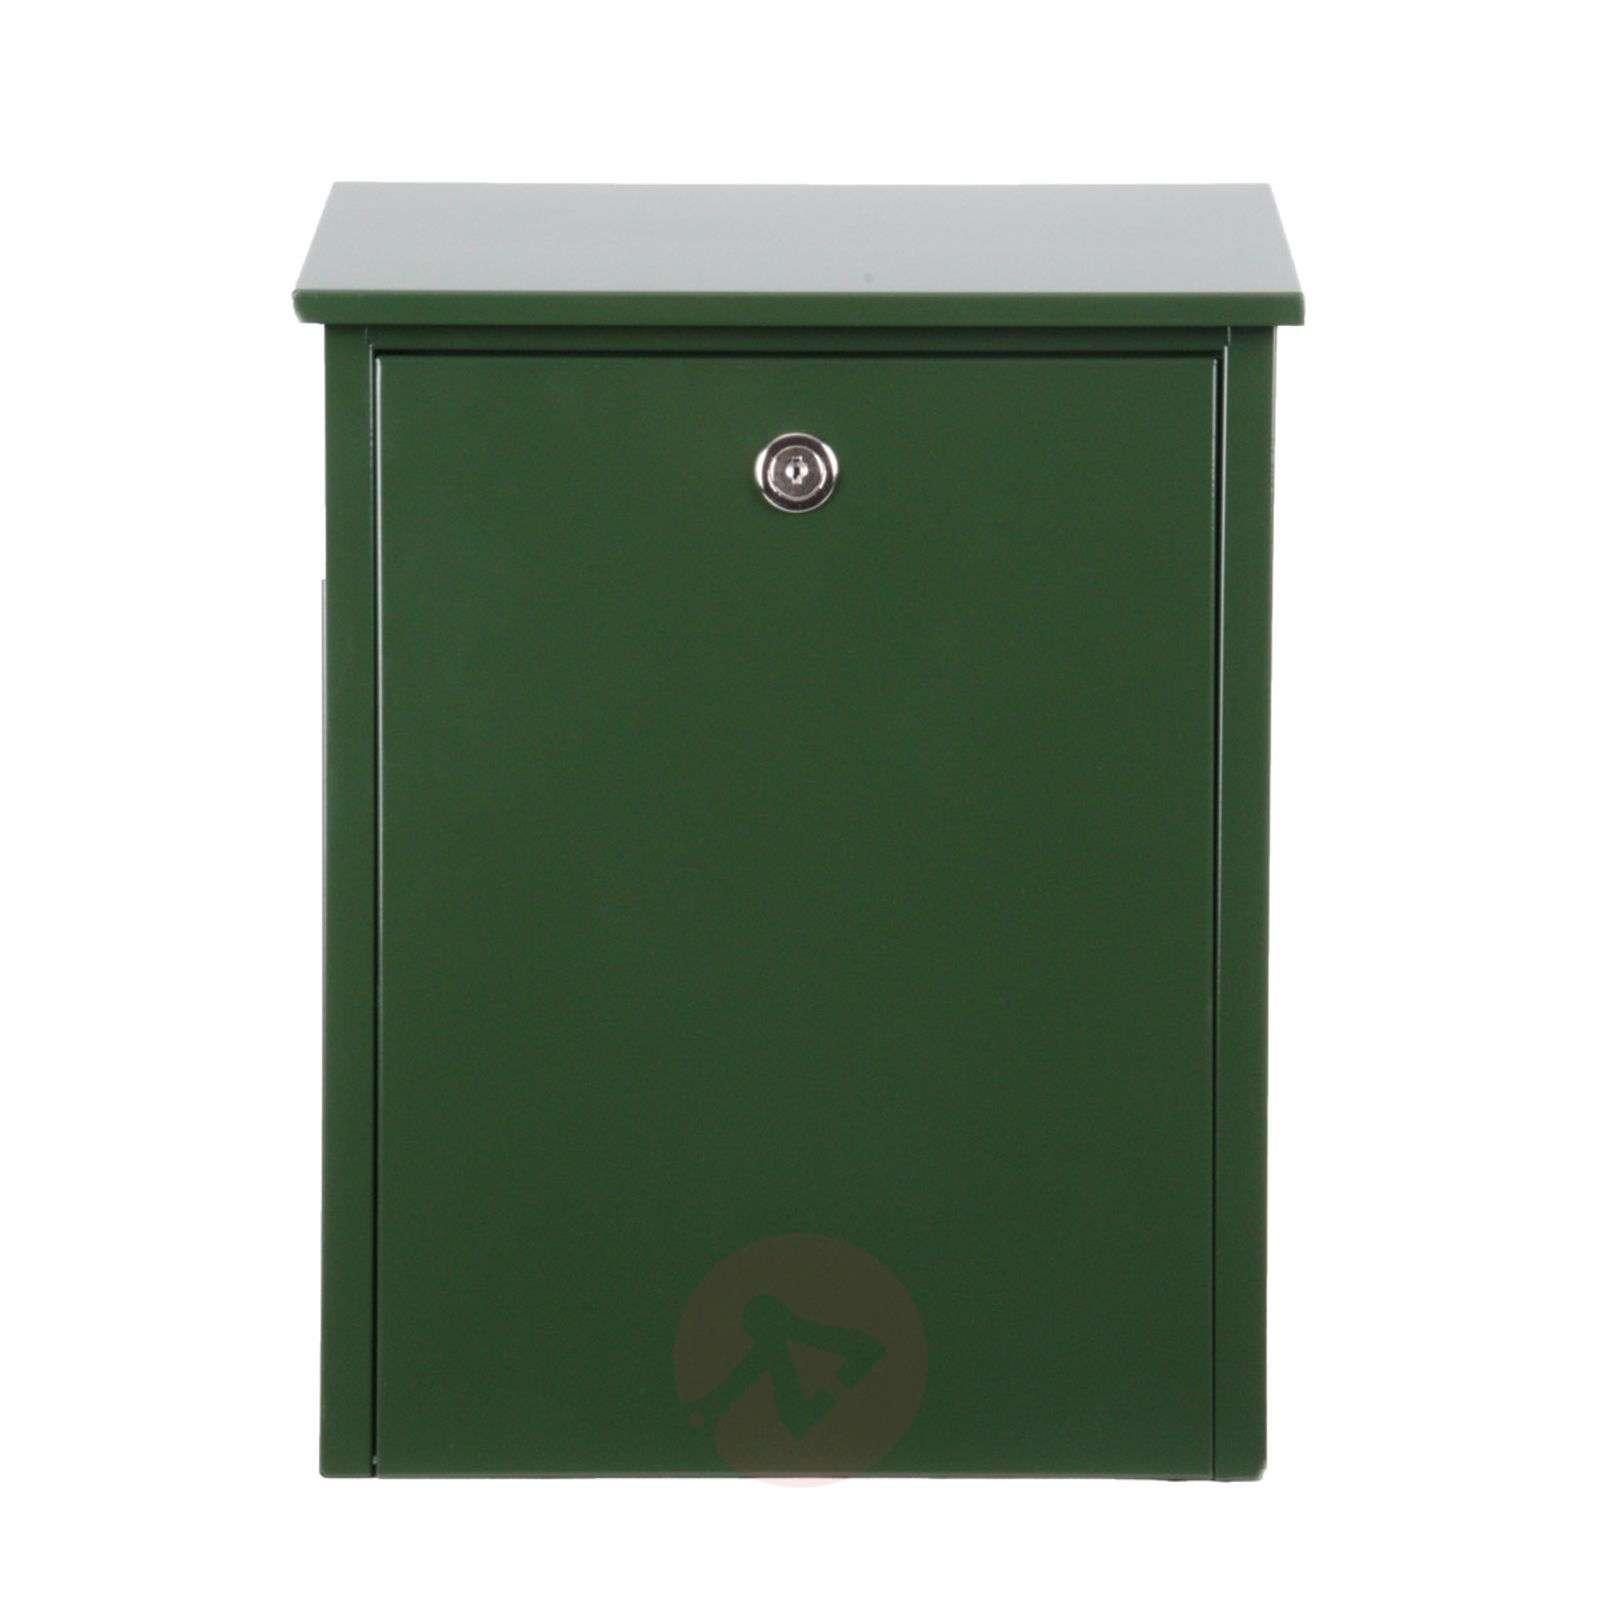 Ulkoasultaan pelkistetty teräksinen postilaatikko-1045098X-01